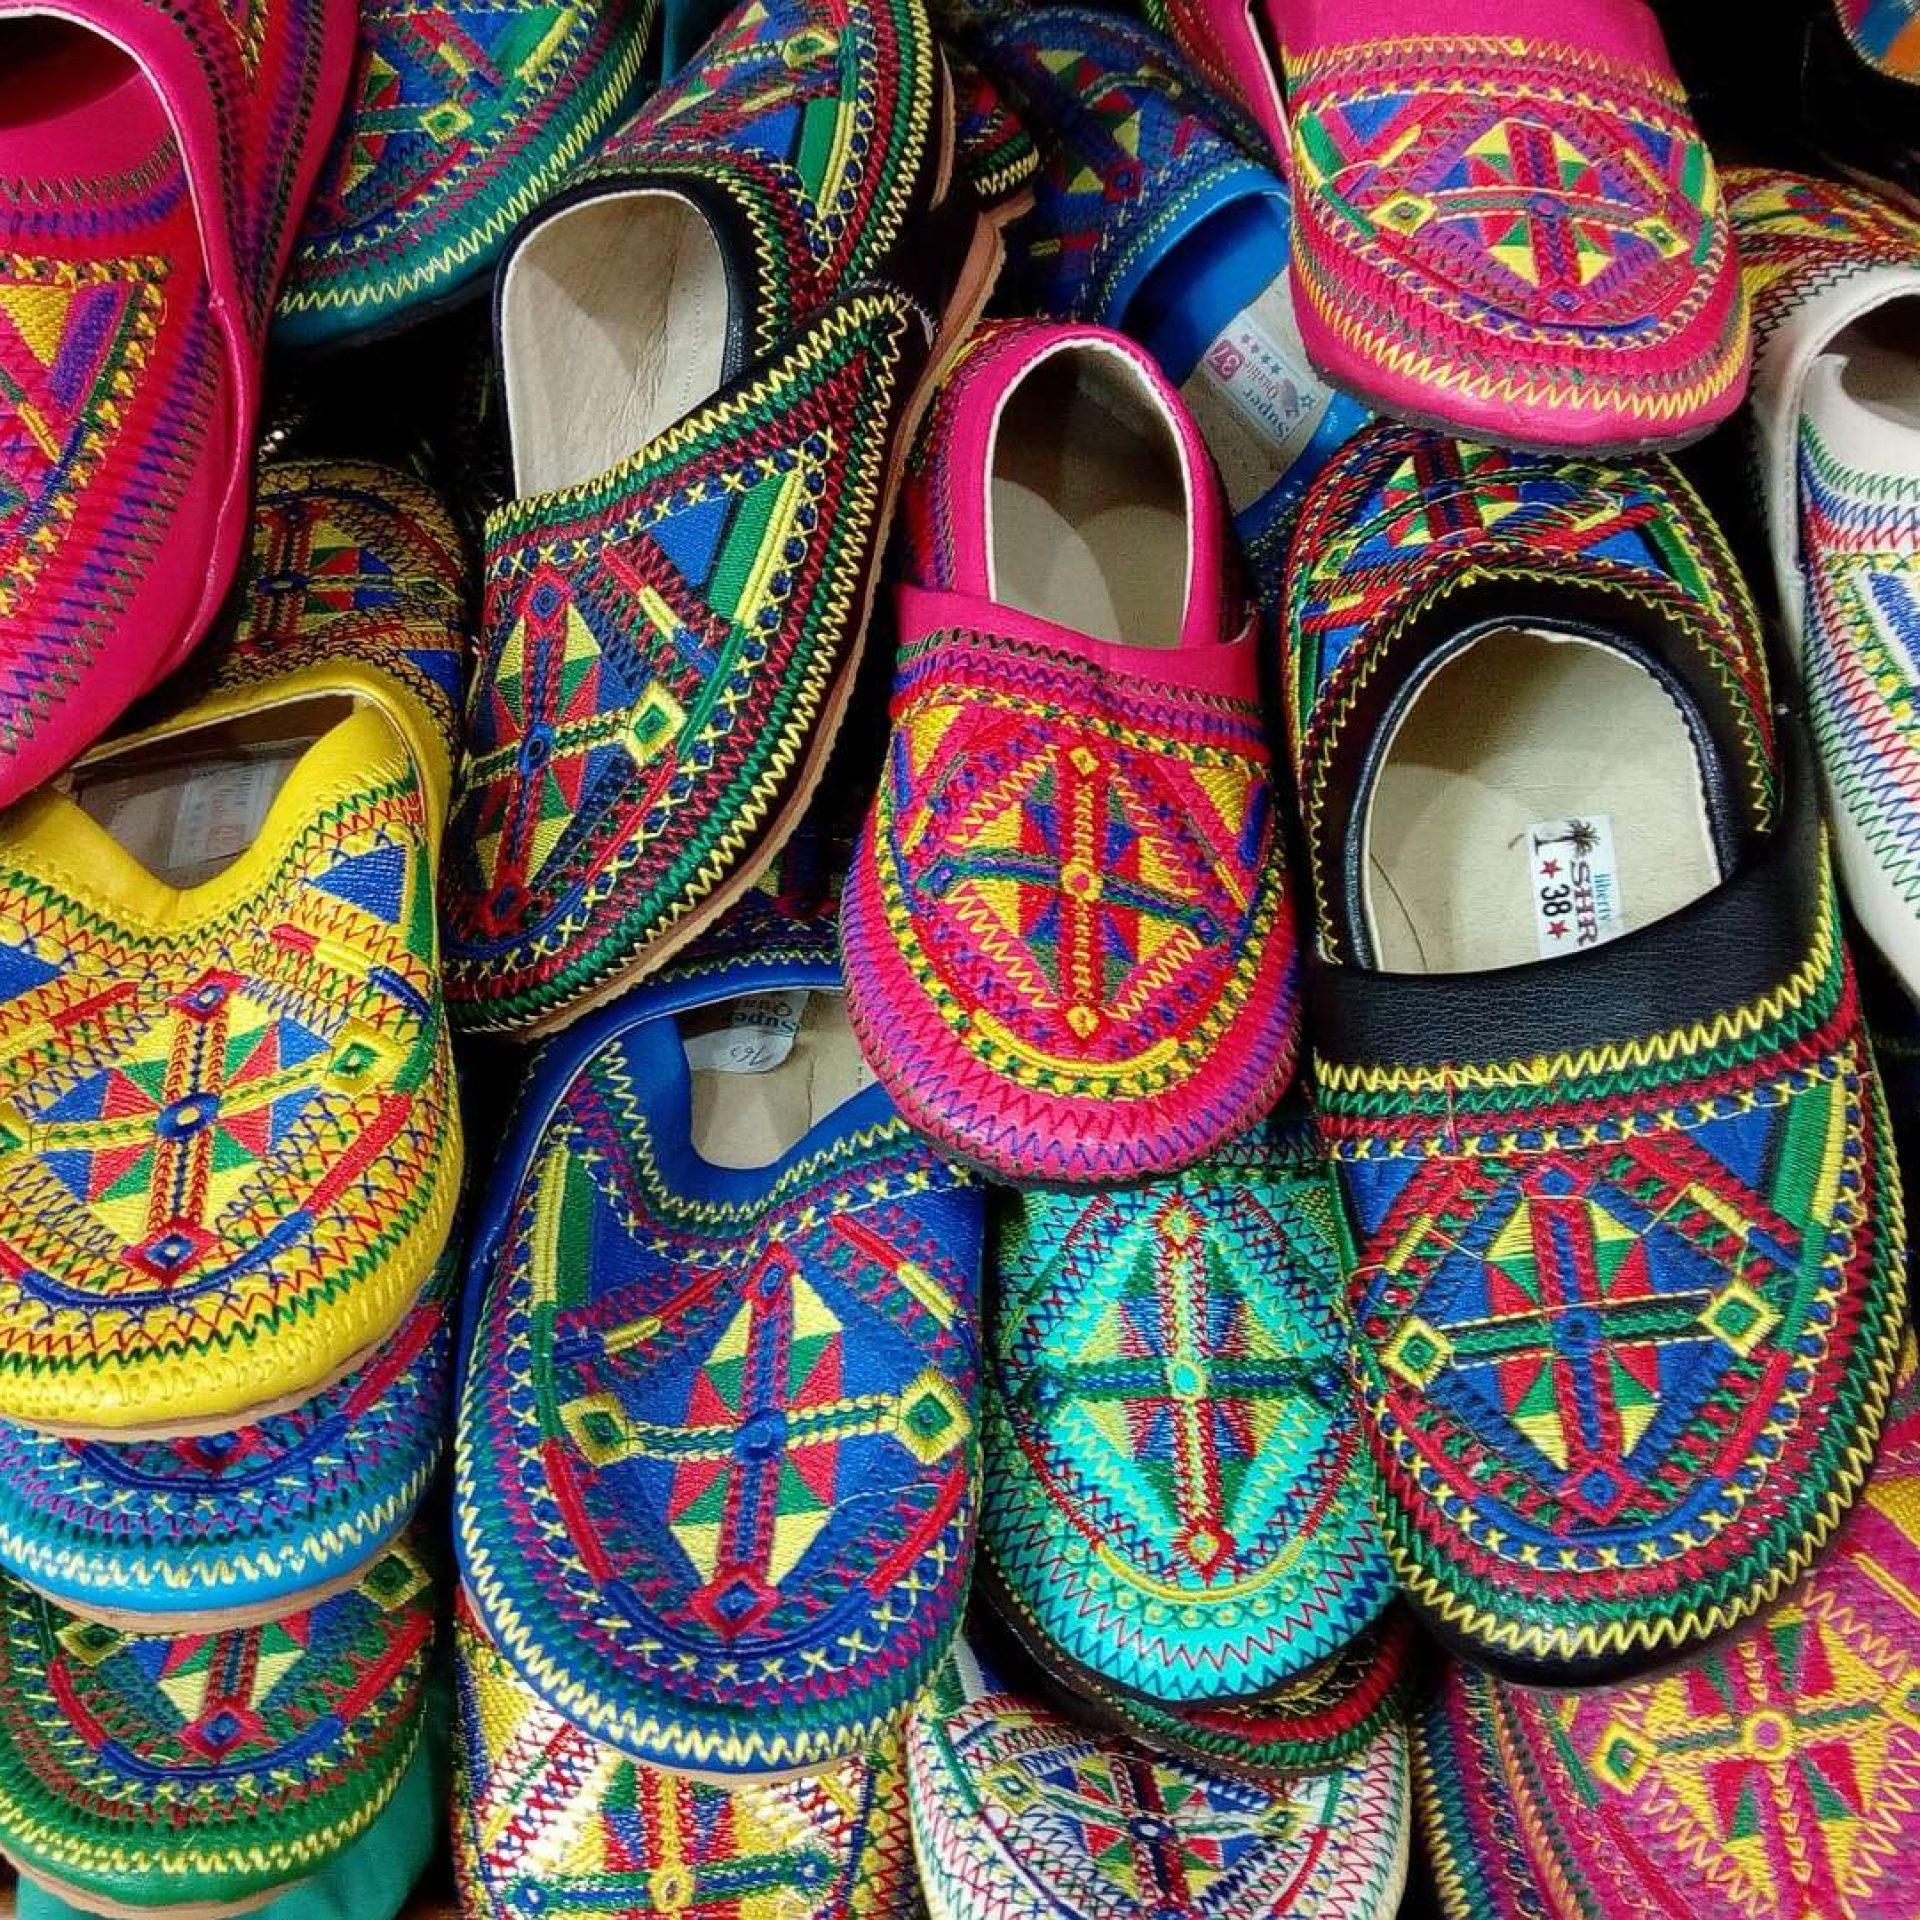 L'artisanat marocain à l'honneur à Marrakech - La Tribune